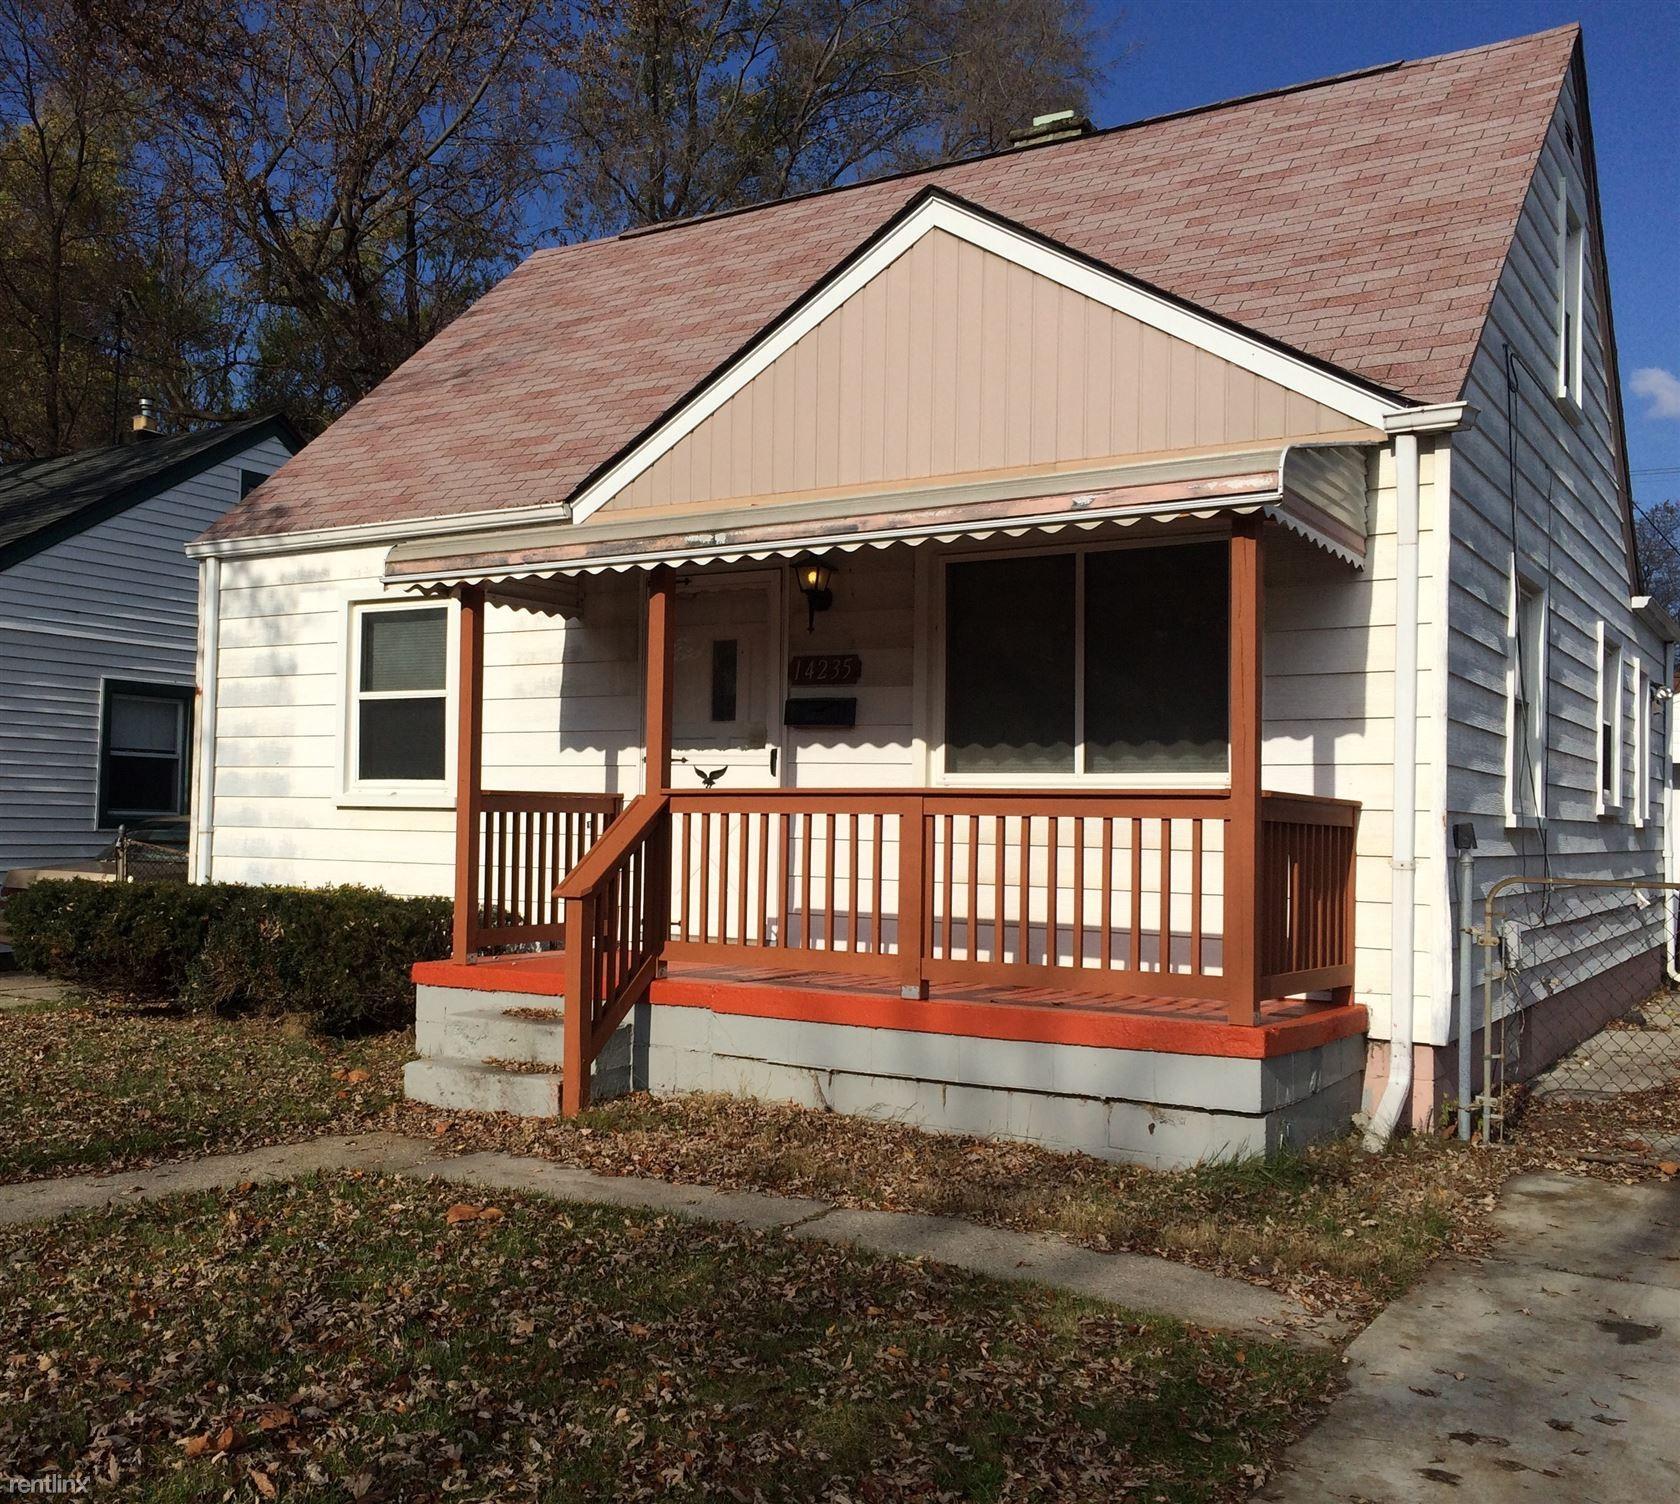 23649 Willard Ave Warren Mi 48089 3 Bedroom Apartment For Rent Padmapper